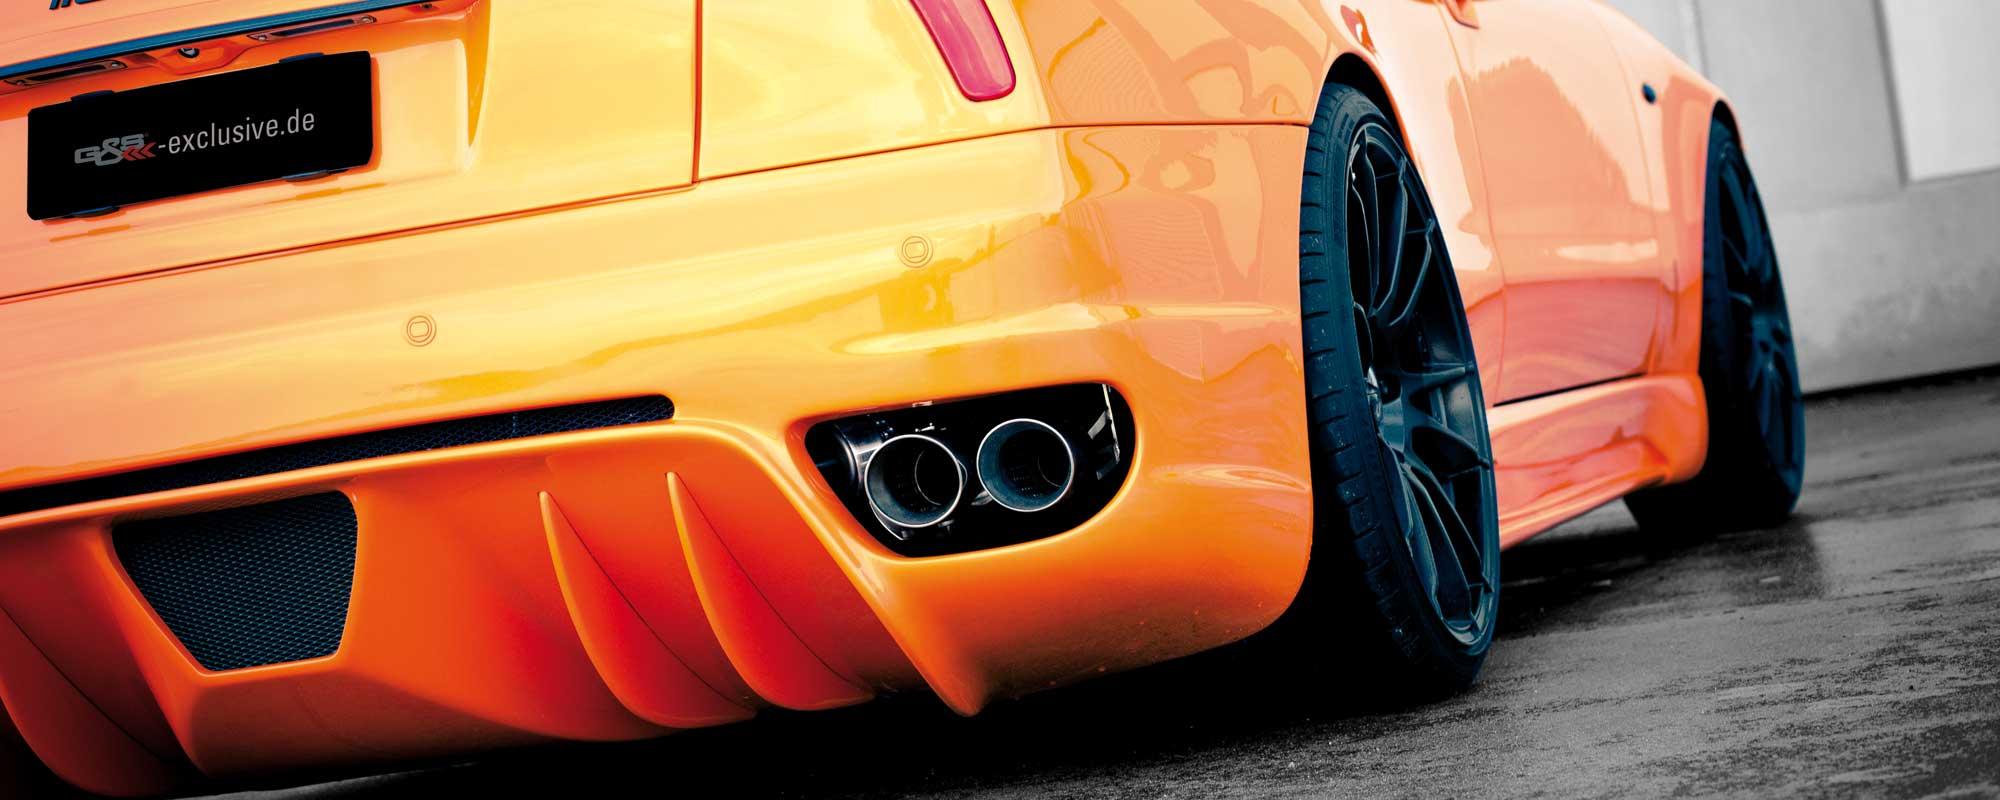 Der Maserati 4200 mit neuer Heckschürze mit integriertem Diffusor